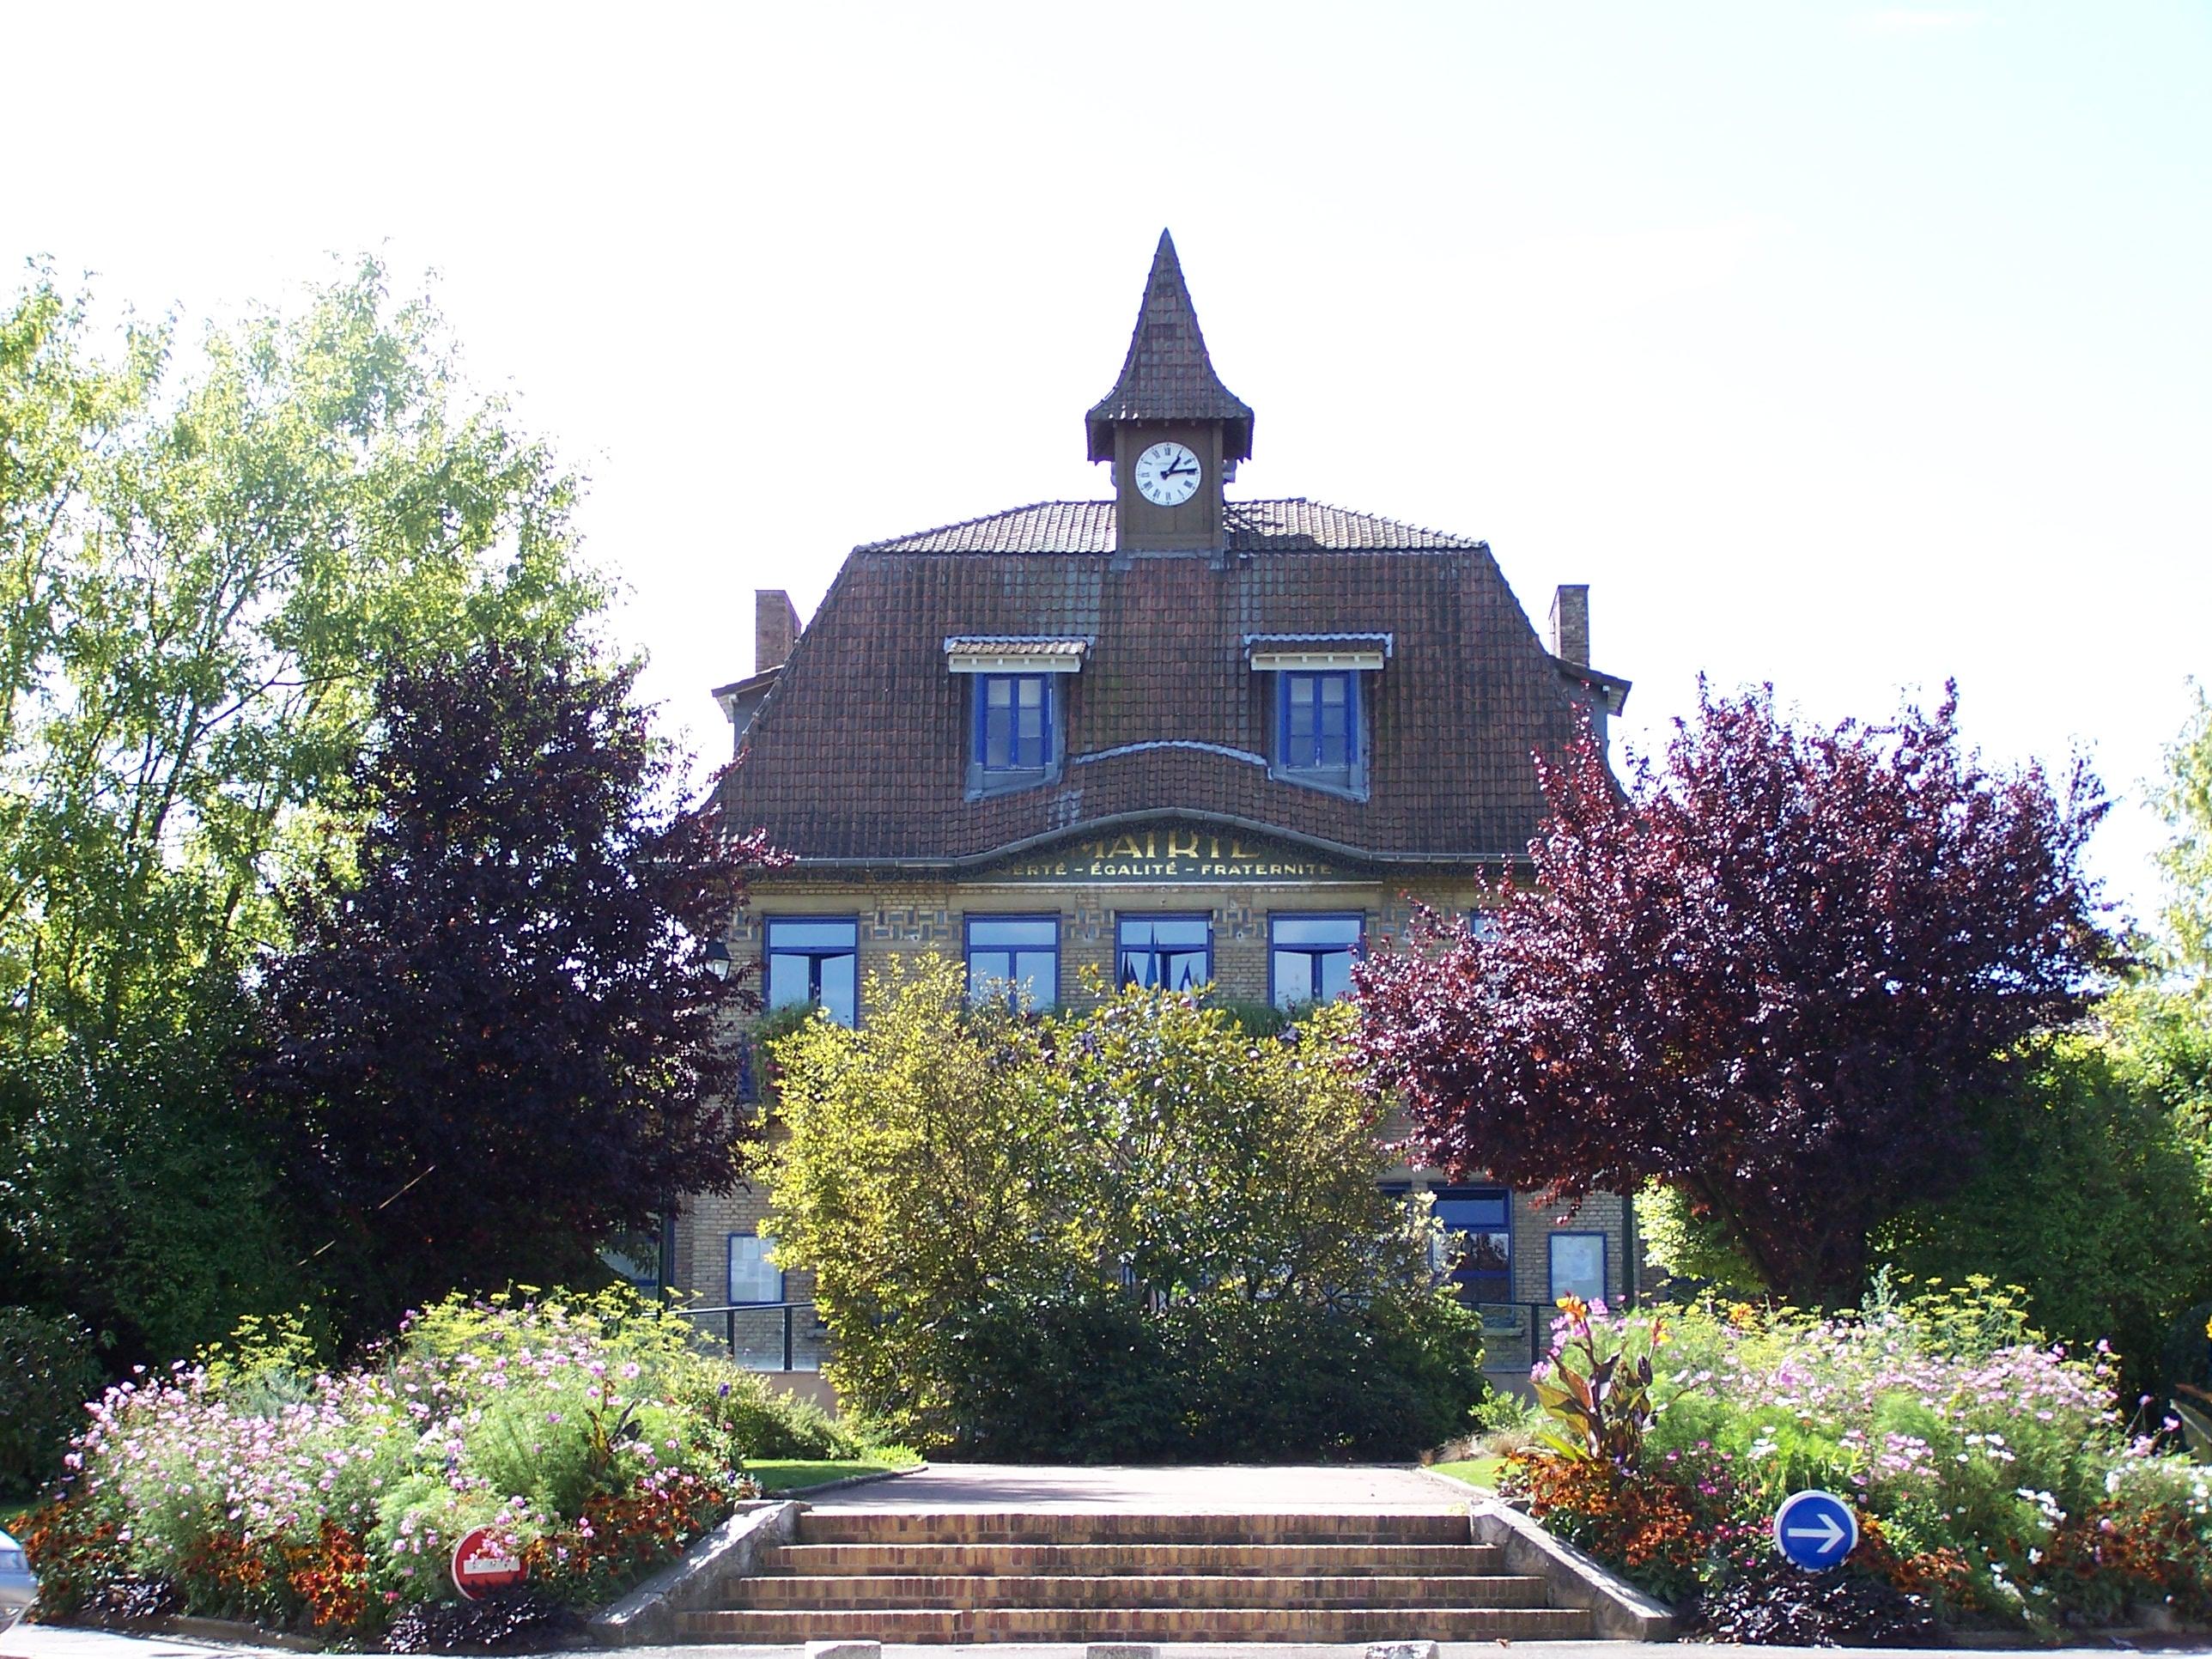 Les ClayessousBois ~ Hotel Les Clayes Sous Bois